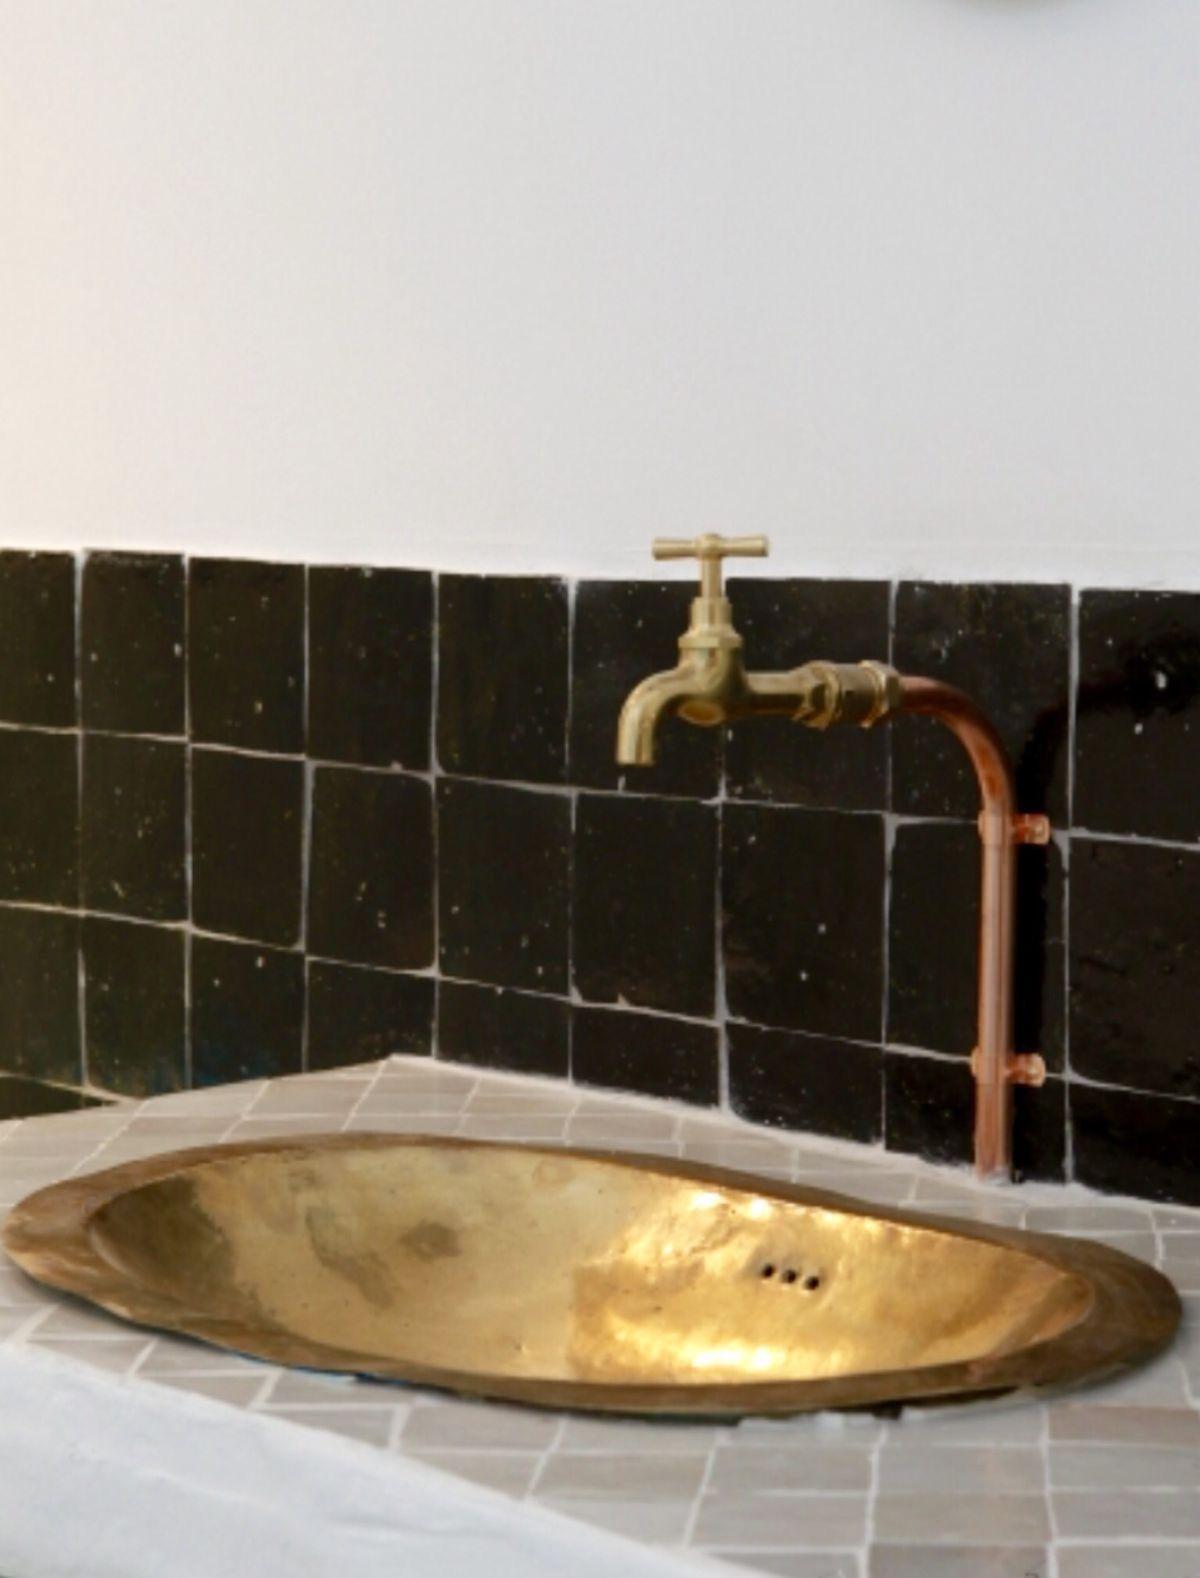 zellige tile detail as bathroom backslash | Brass sink ...